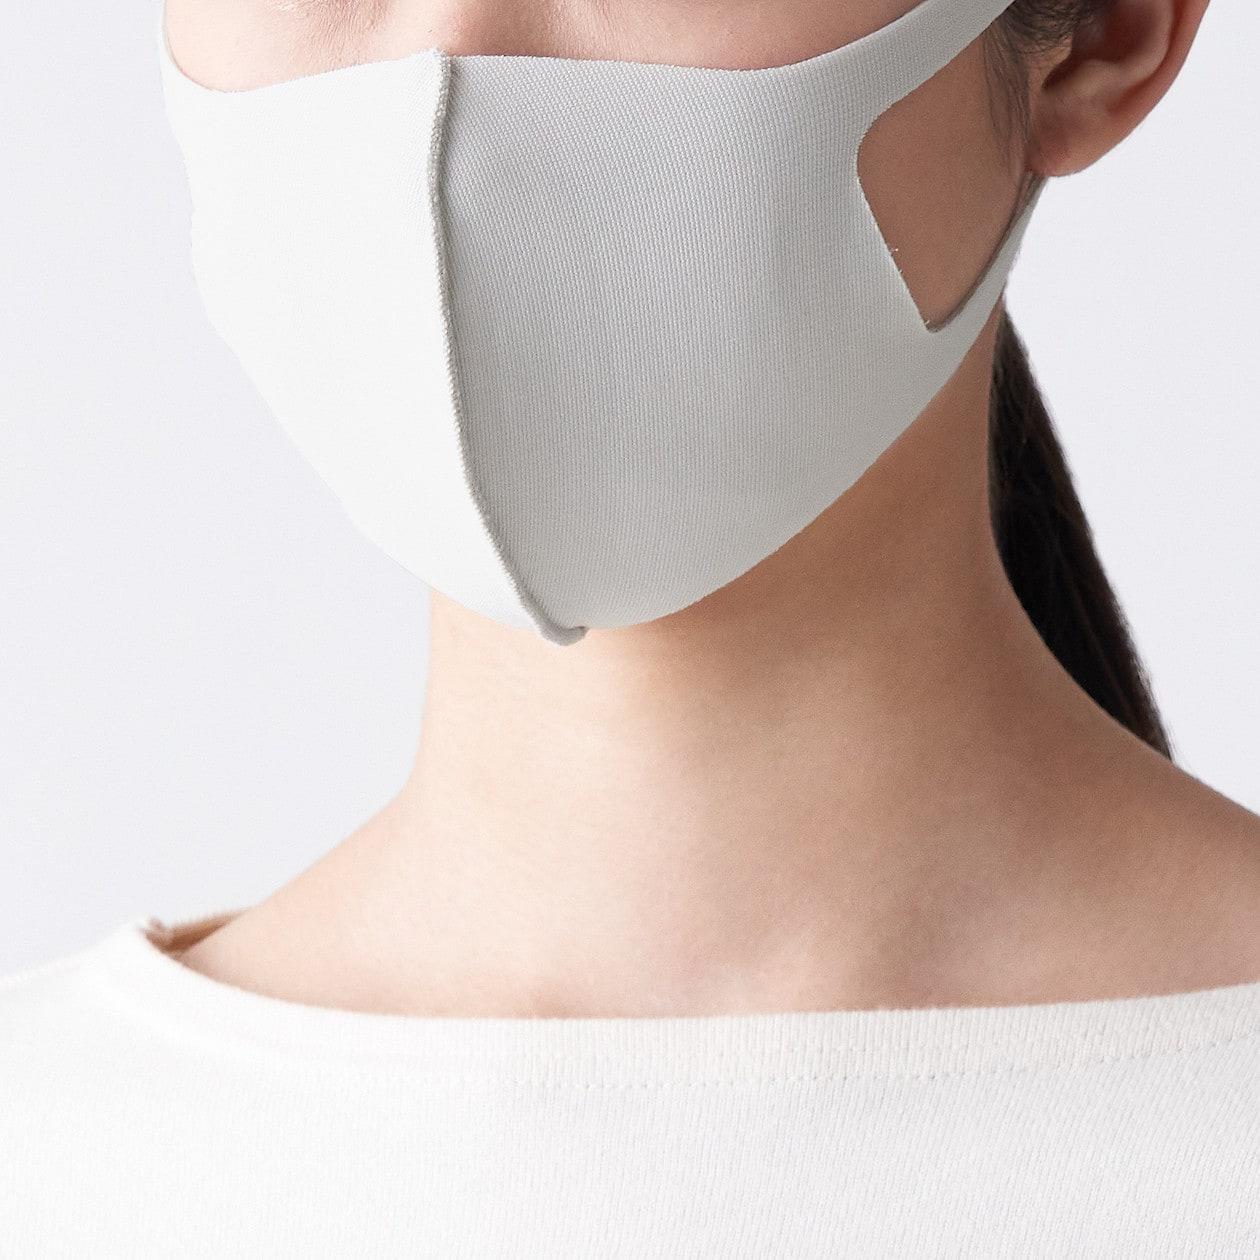 ネット マスク 無印 ストア 【無印良品】夏用マスクはいつから買える?通販購入先もチェック!|わたし出すわ